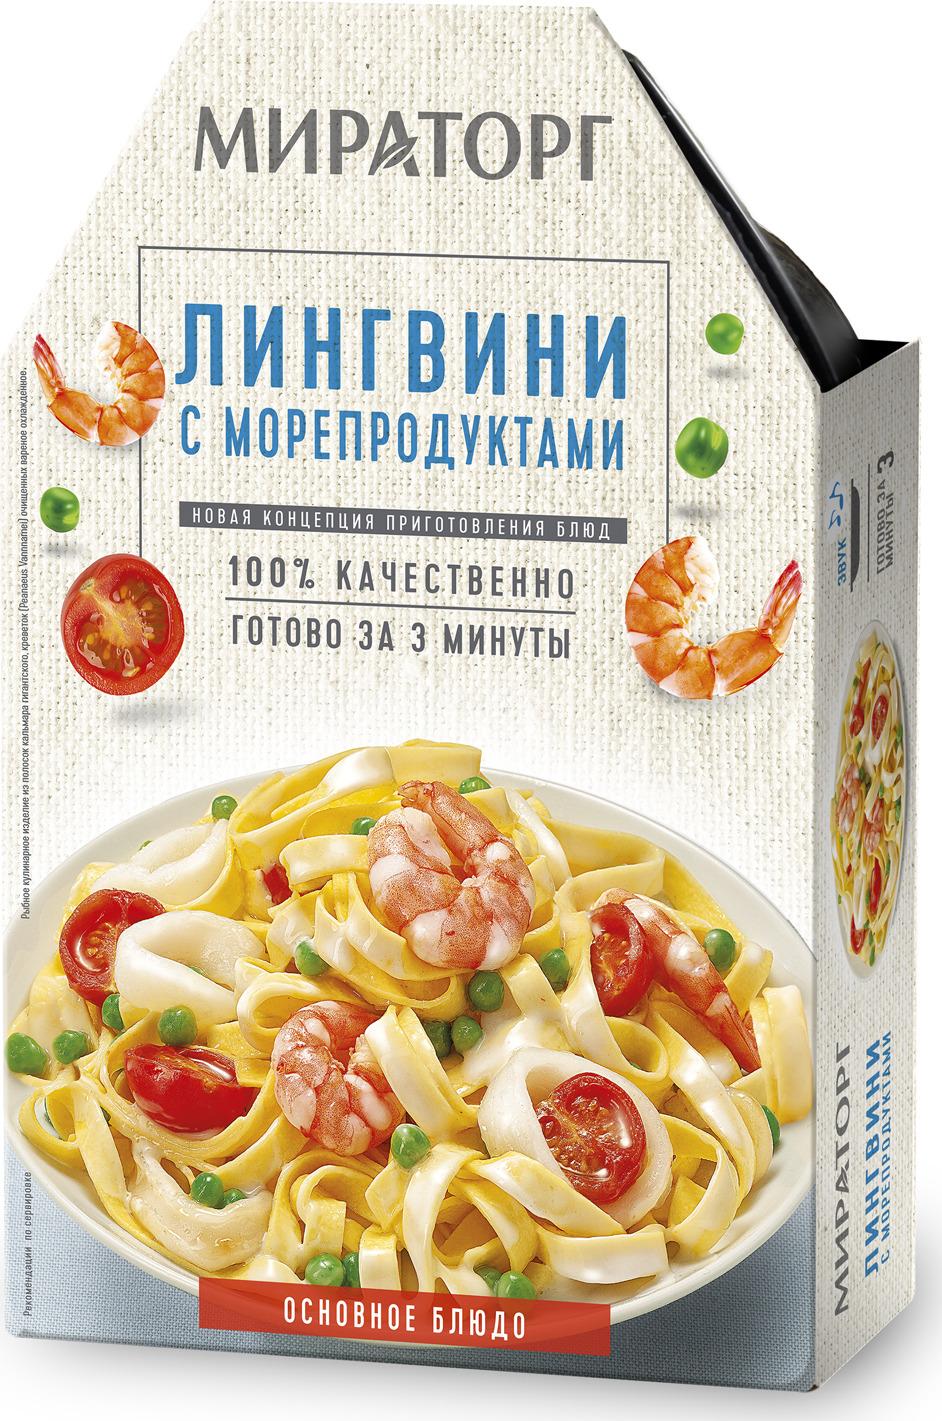 Лингвини с морепродуктами Мираторг, 320 г фэг томаты соленые зеленые 1000 г